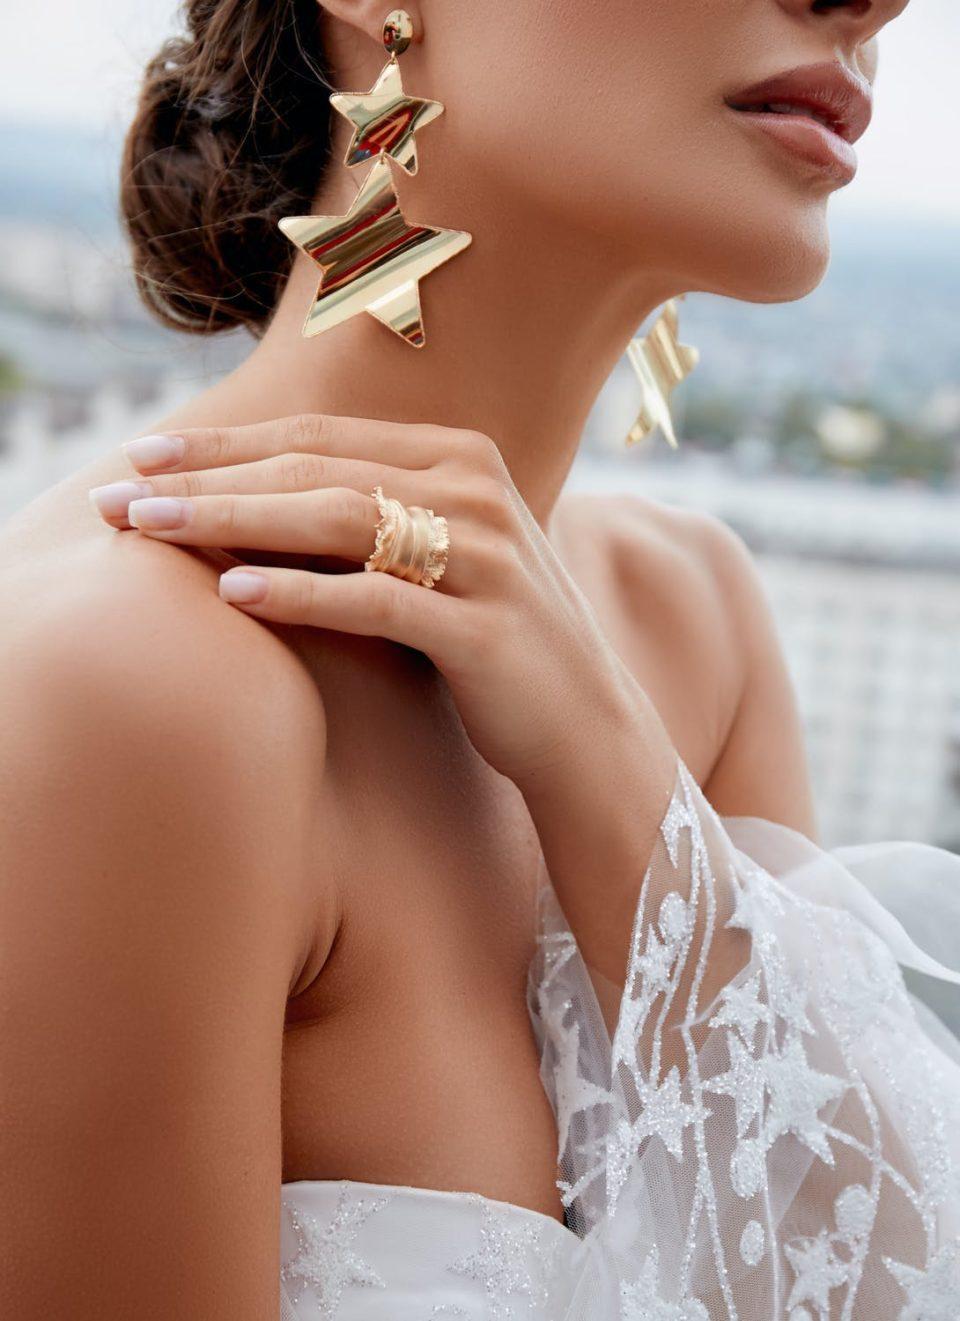 bijoux de luxe pour femme